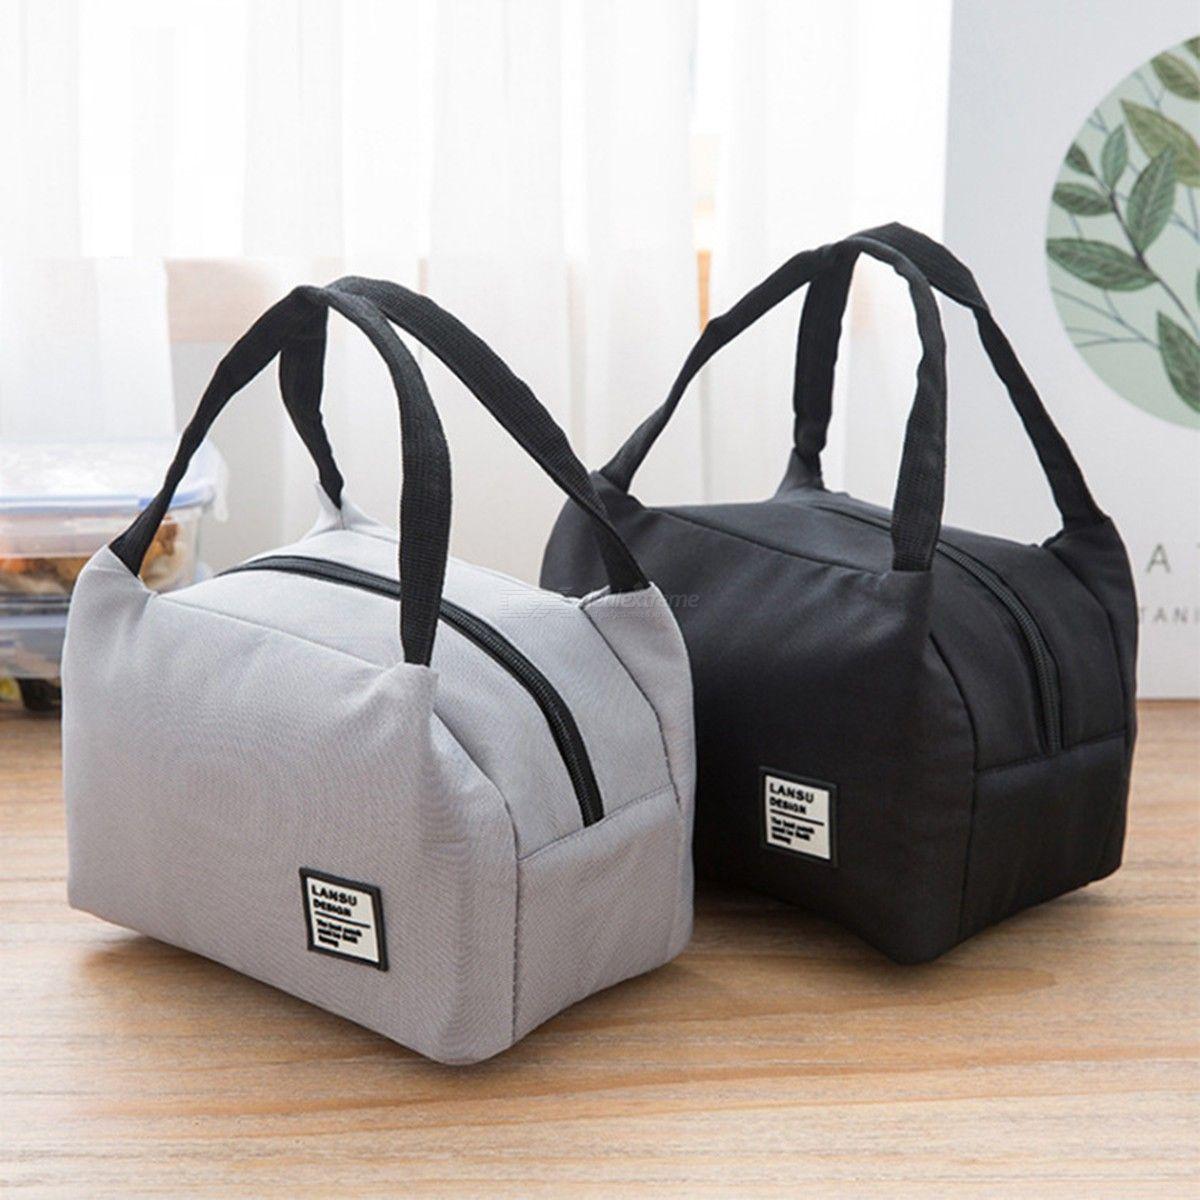 Sac Portable Bento Simple Capacité Grands Bacs À Lunch Isolé